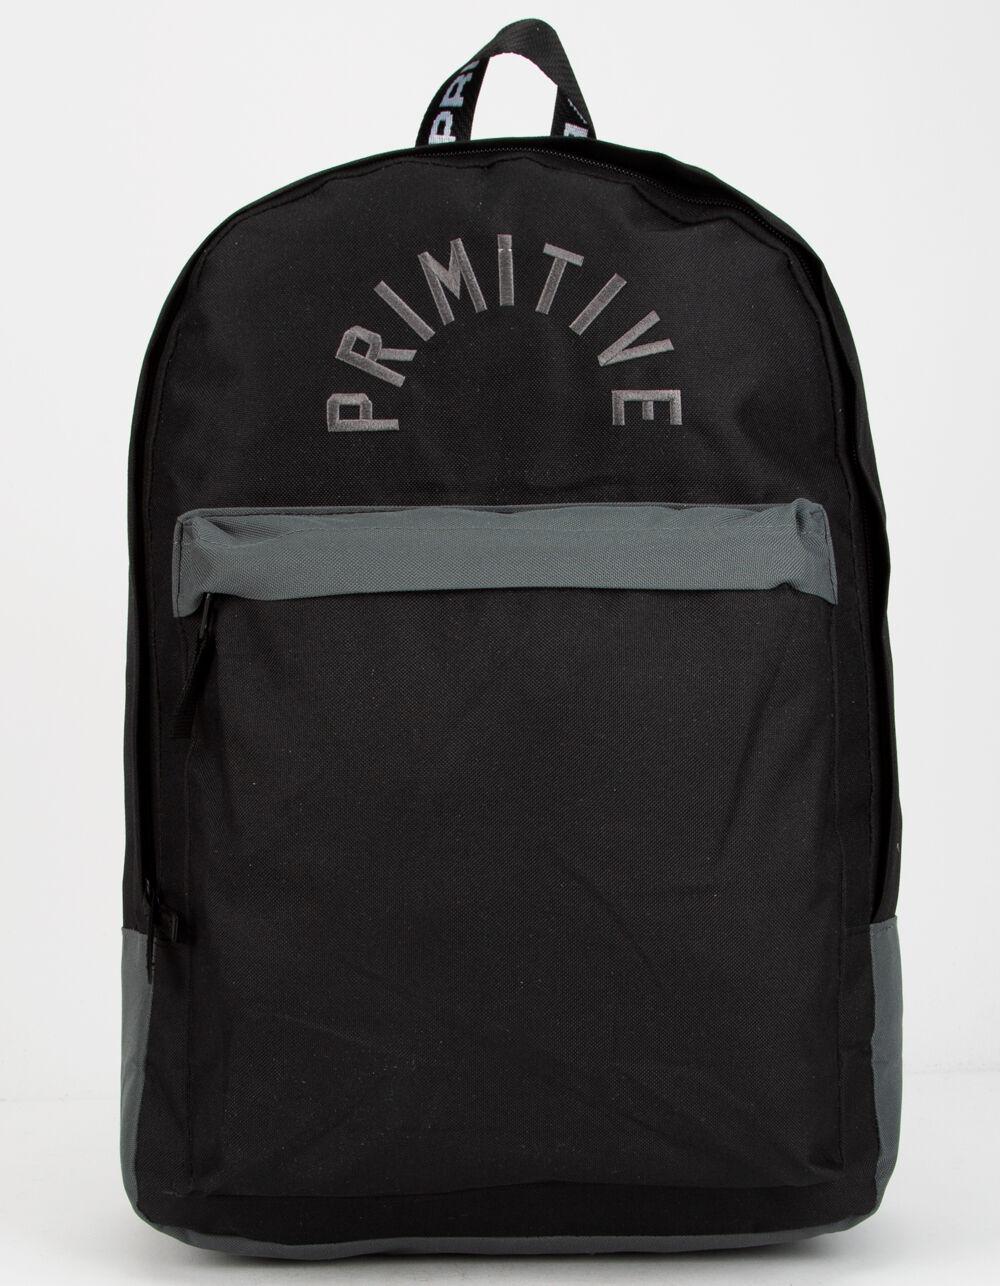 PRIMITIVE Arch Homeroom Black Backpack